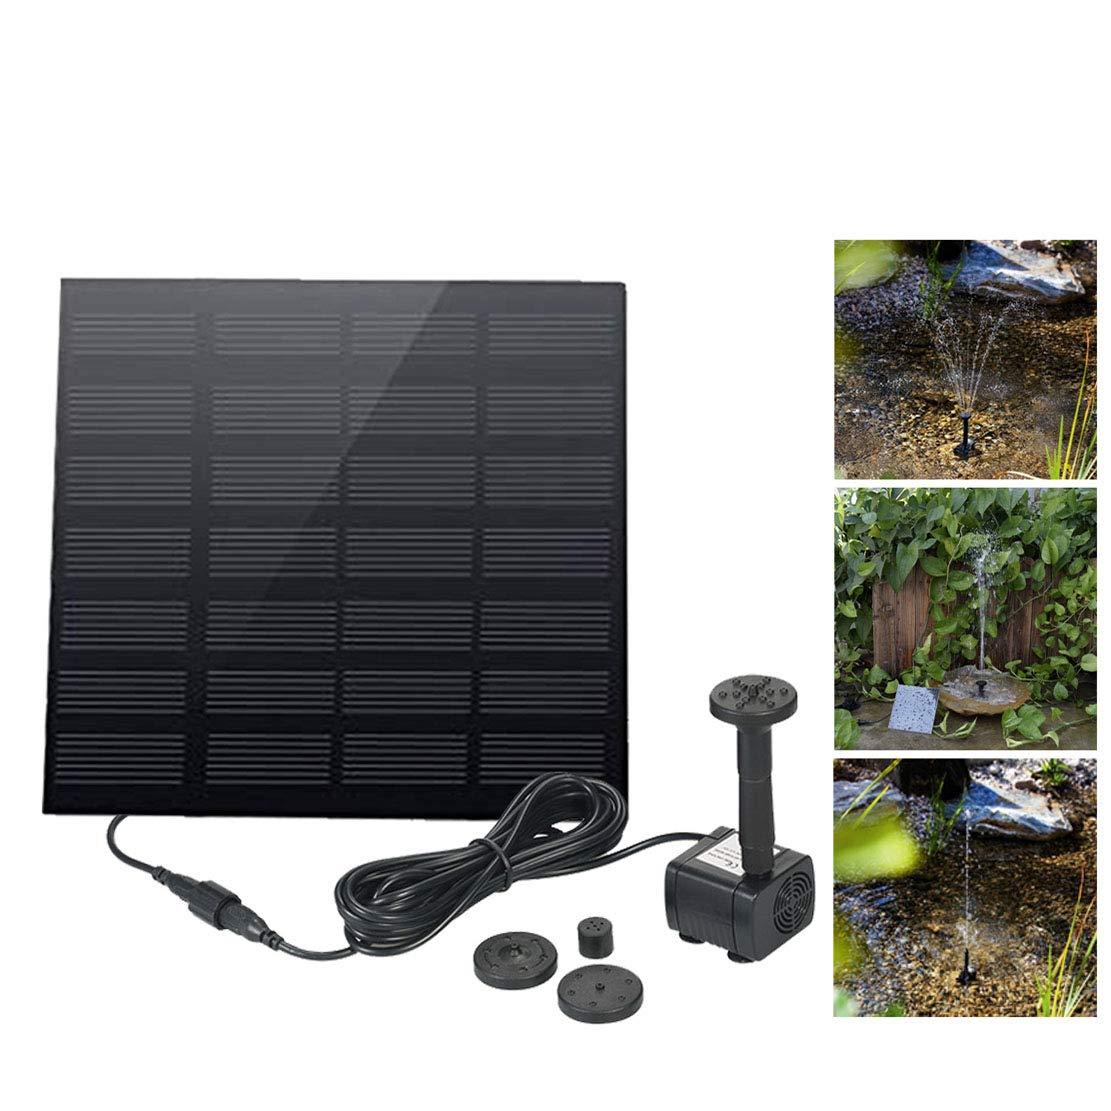 LY-LD Fuente Solar Libre de pie 1,2 W pájaro Fuente de baño Bomba para jardín y Patio, Kit de Panel Solar Bomba de Agua